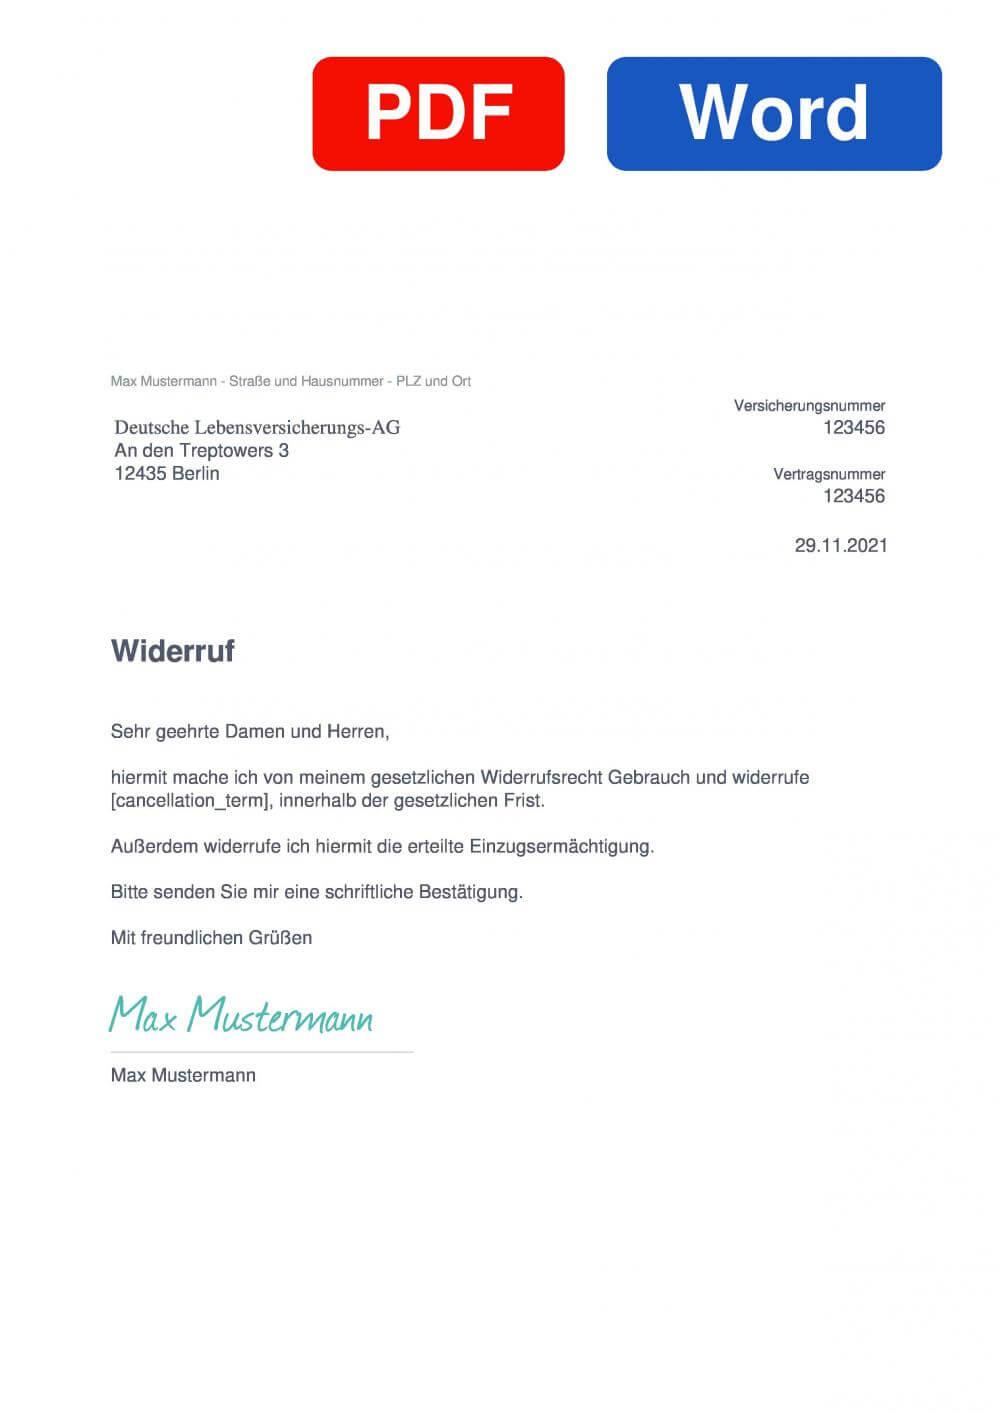 Allianz Lebensversicherung Muster Vorlage für Wiederrufsschreiben